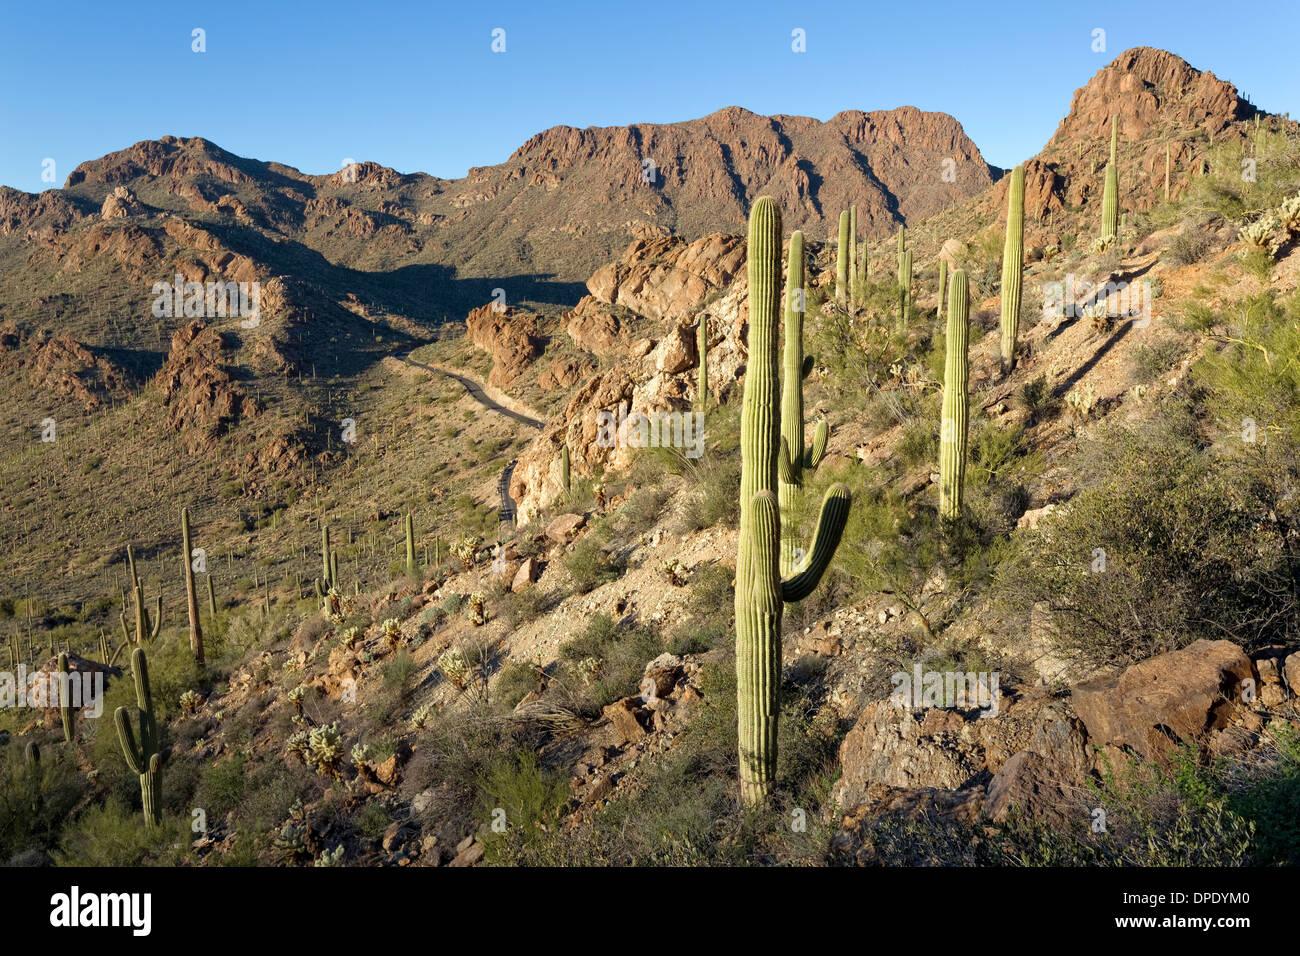 View of Gates Pass Road and Saguaro cactus, Tucson Mountain Park, Tucson, Arizona - Stock Image